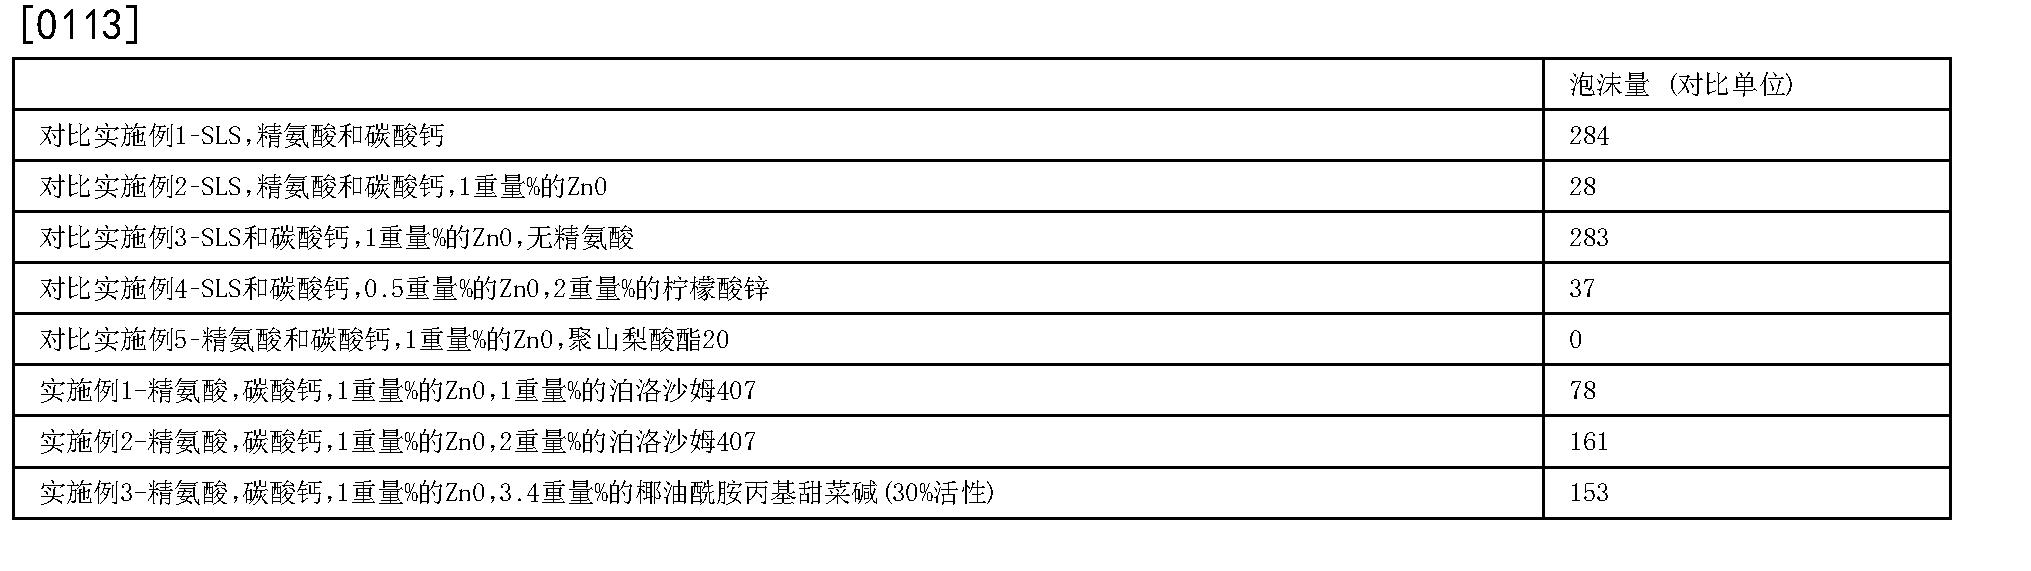 Figure CN104822360BD00142